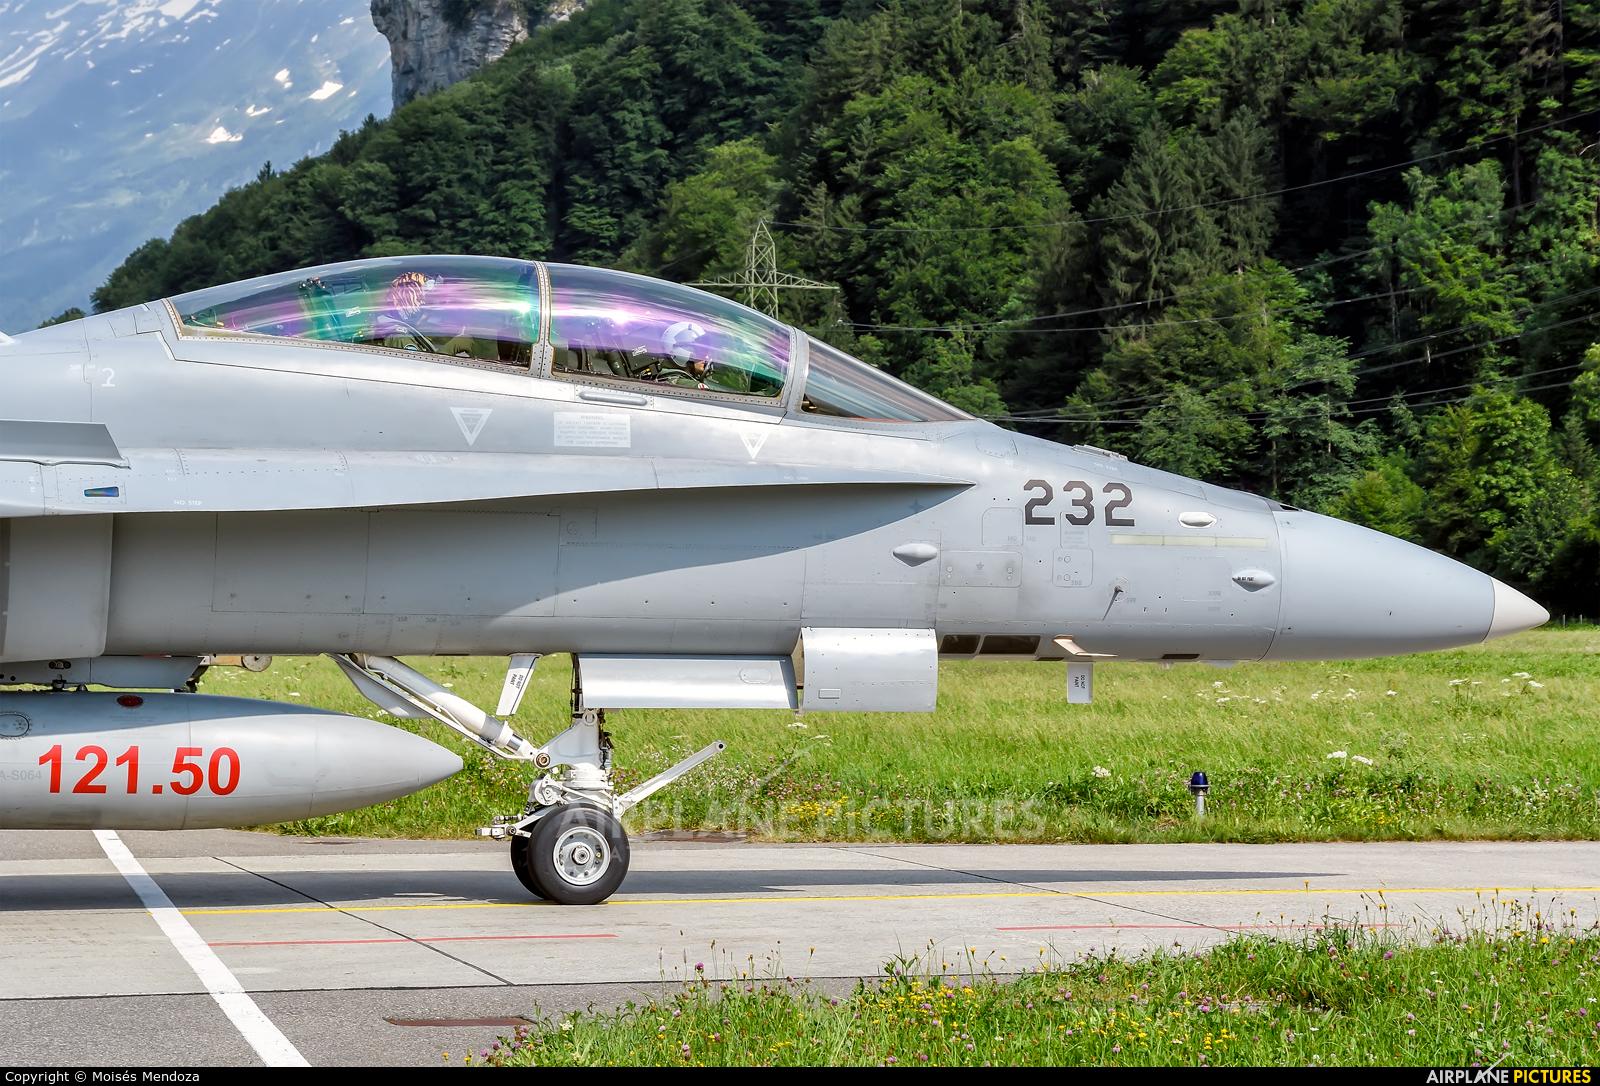 Switzerland - Air Force J-5232 aircraft at Meiringen